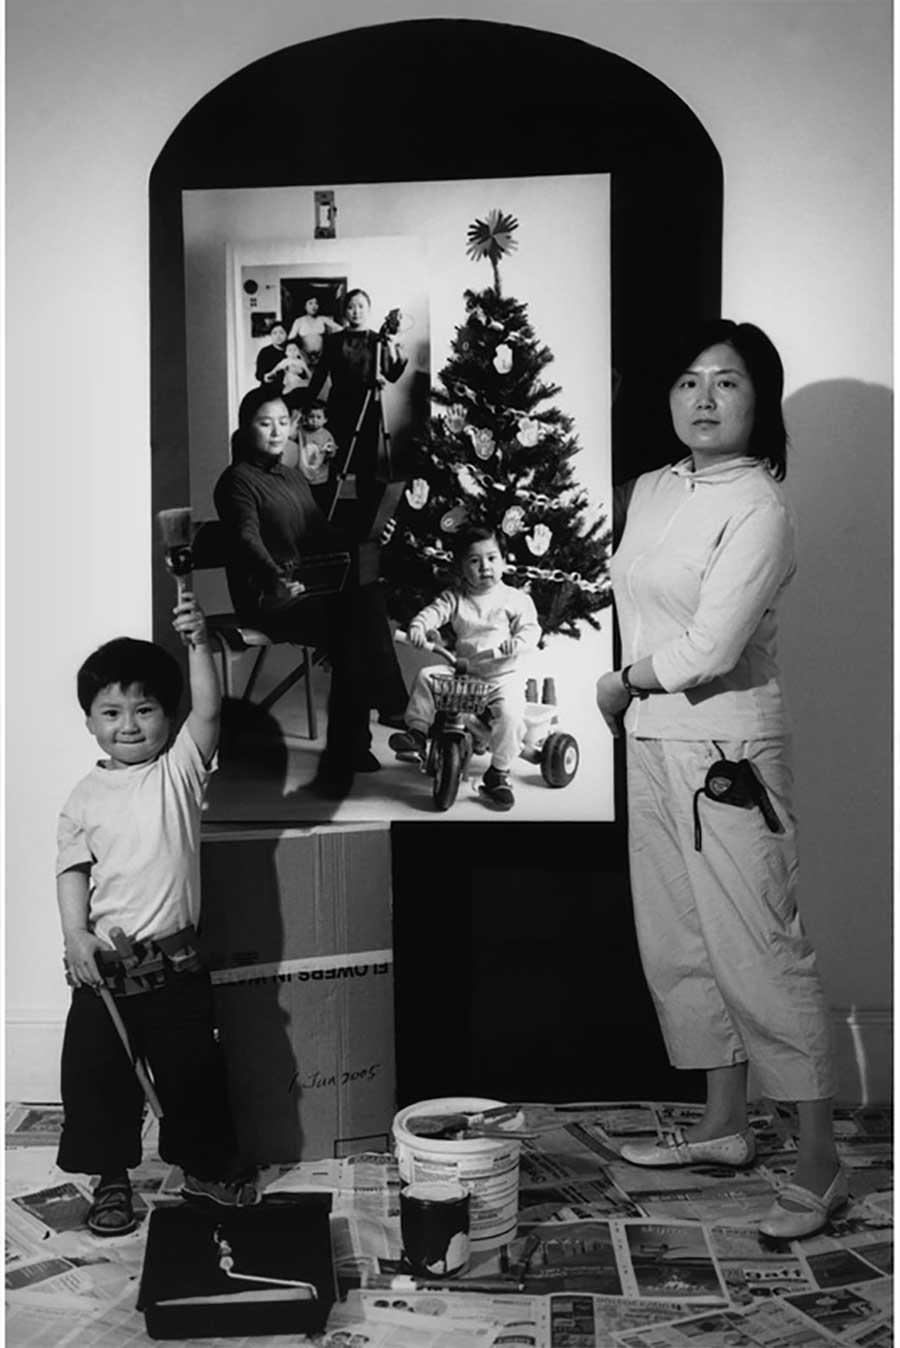 Mutter fügt 17 Jahre Bildebenen hinzu, die Sohn aufwachsen zeigen mutter-17-jahre-foto-in-foto_06